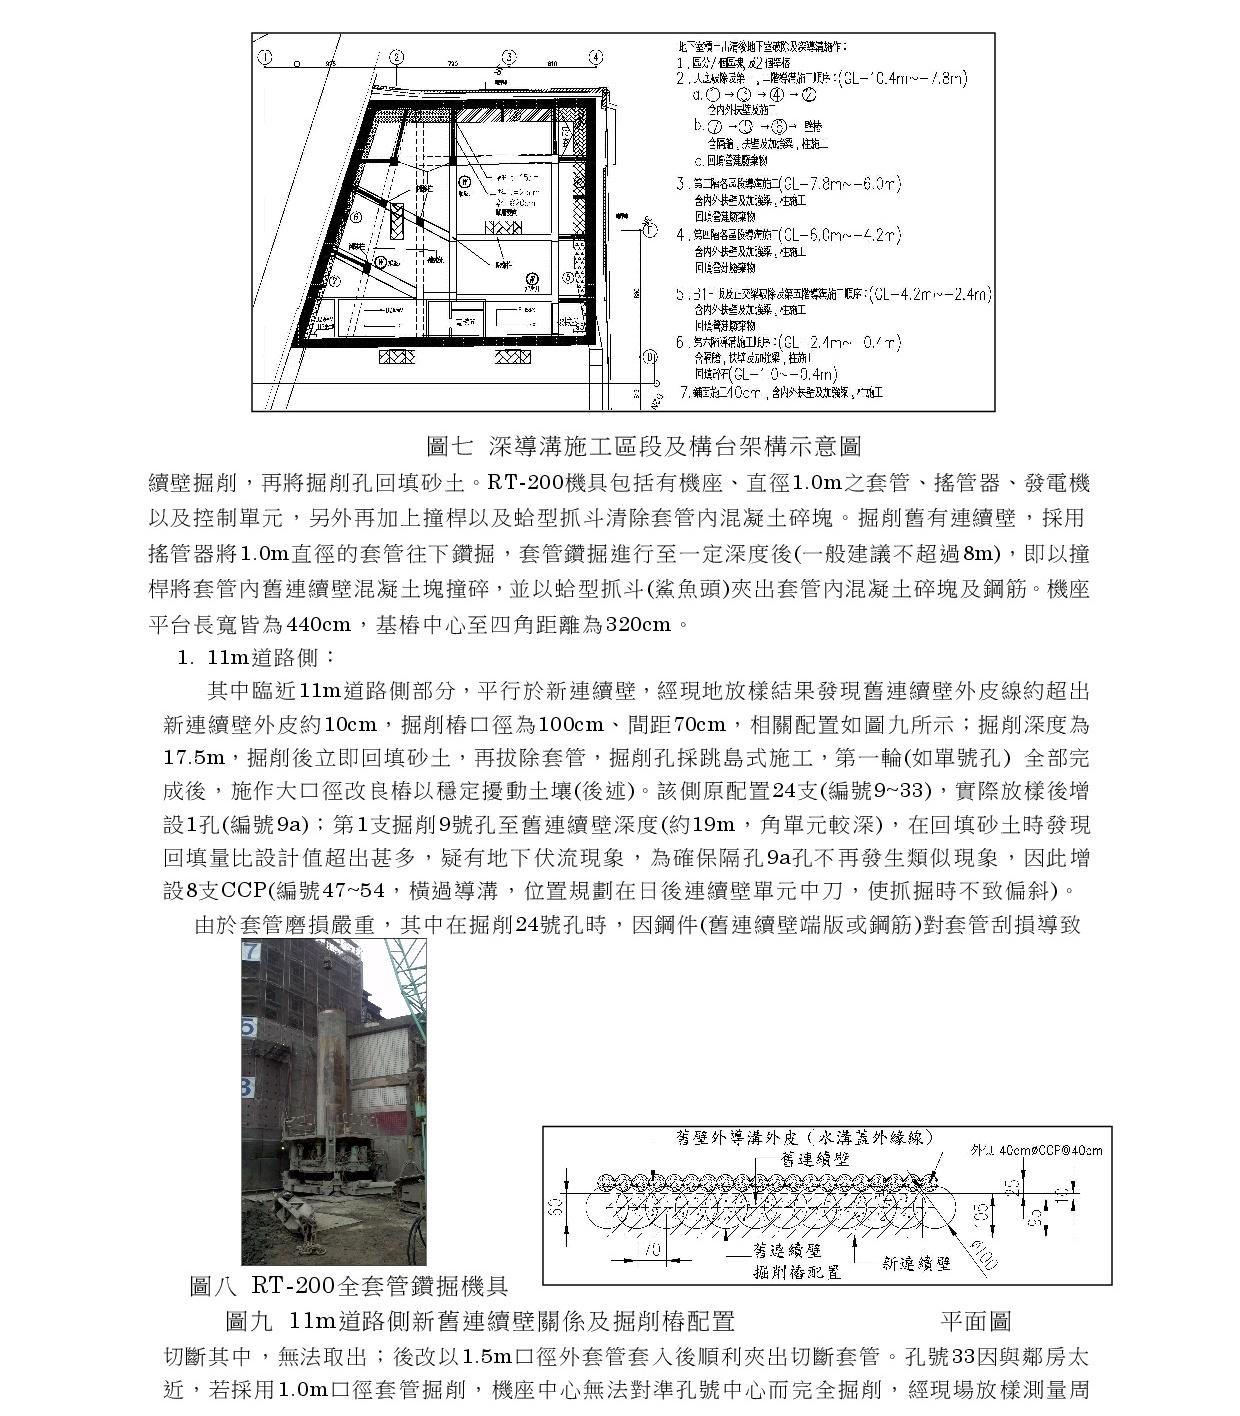 兩岸-006.jpg